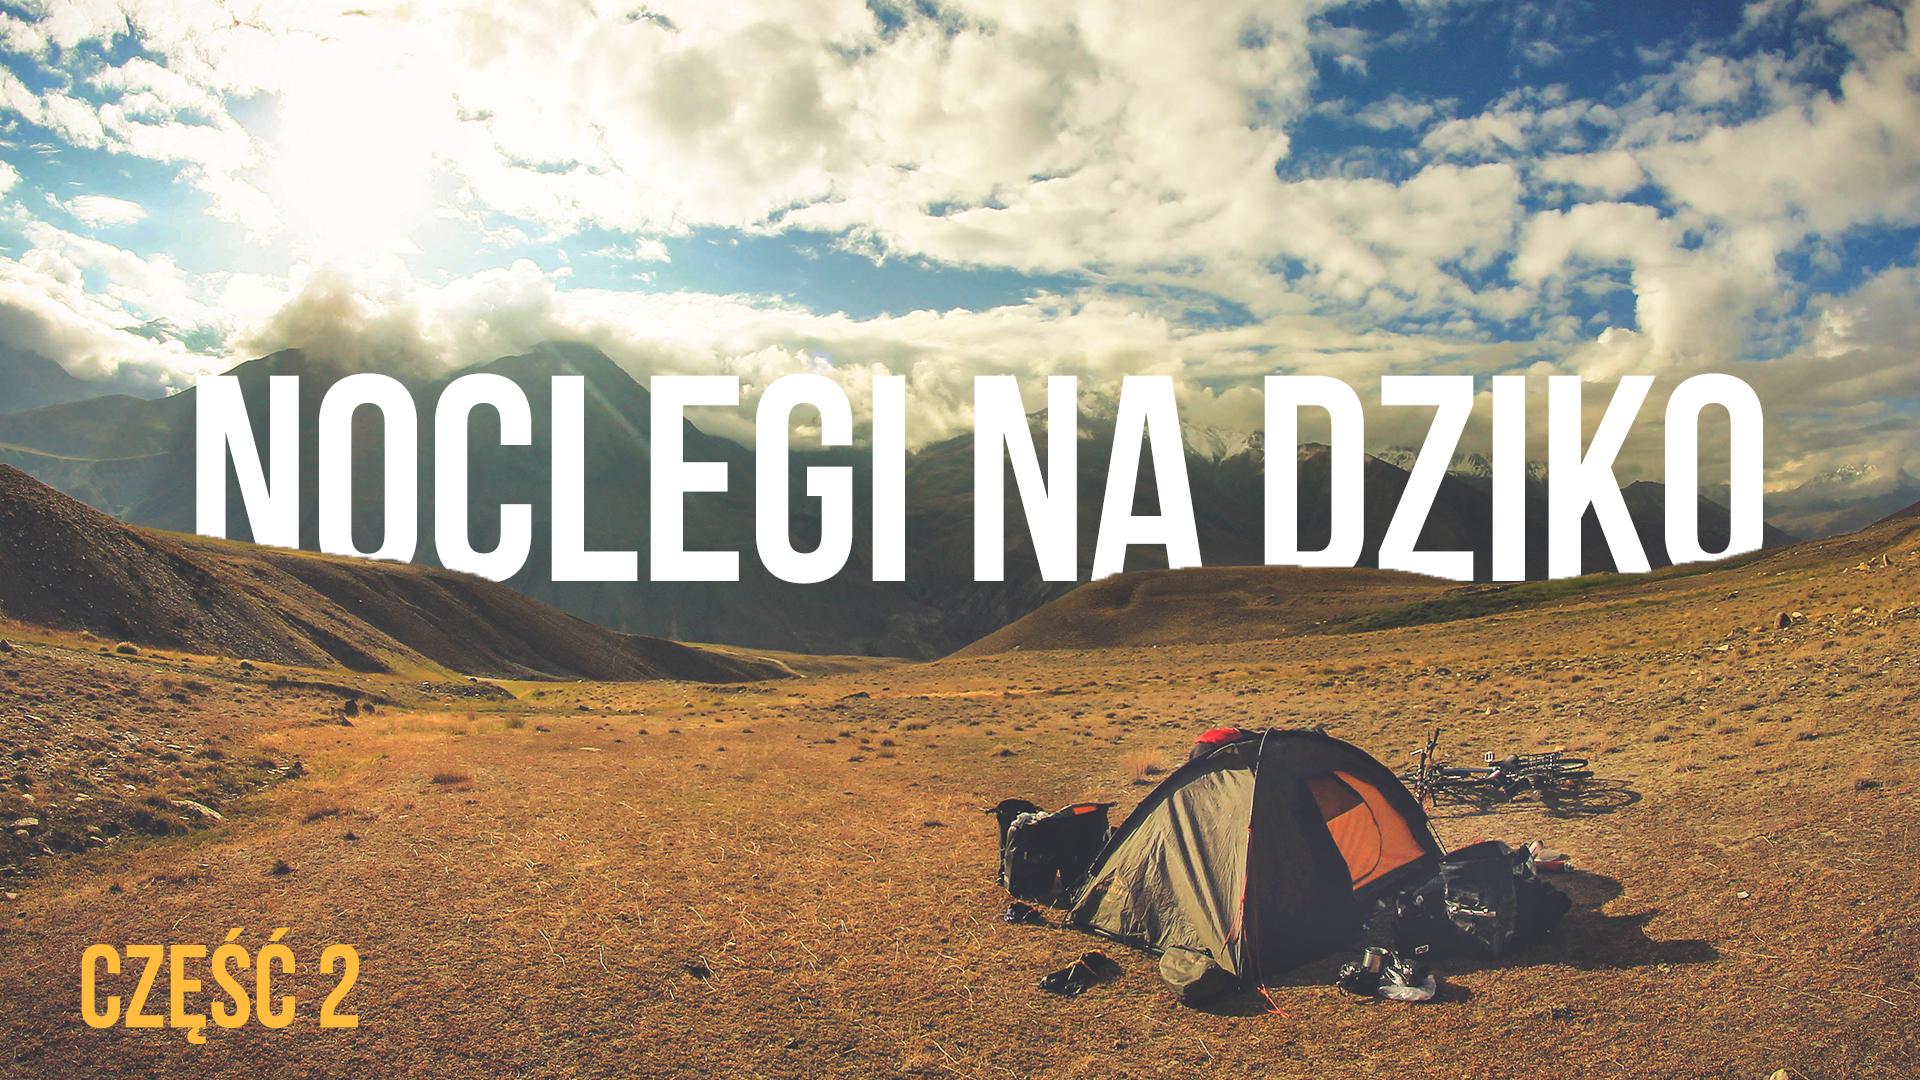 bezpieczenstwo-zwierzeta-pod-namiotem-noclegi-spanie